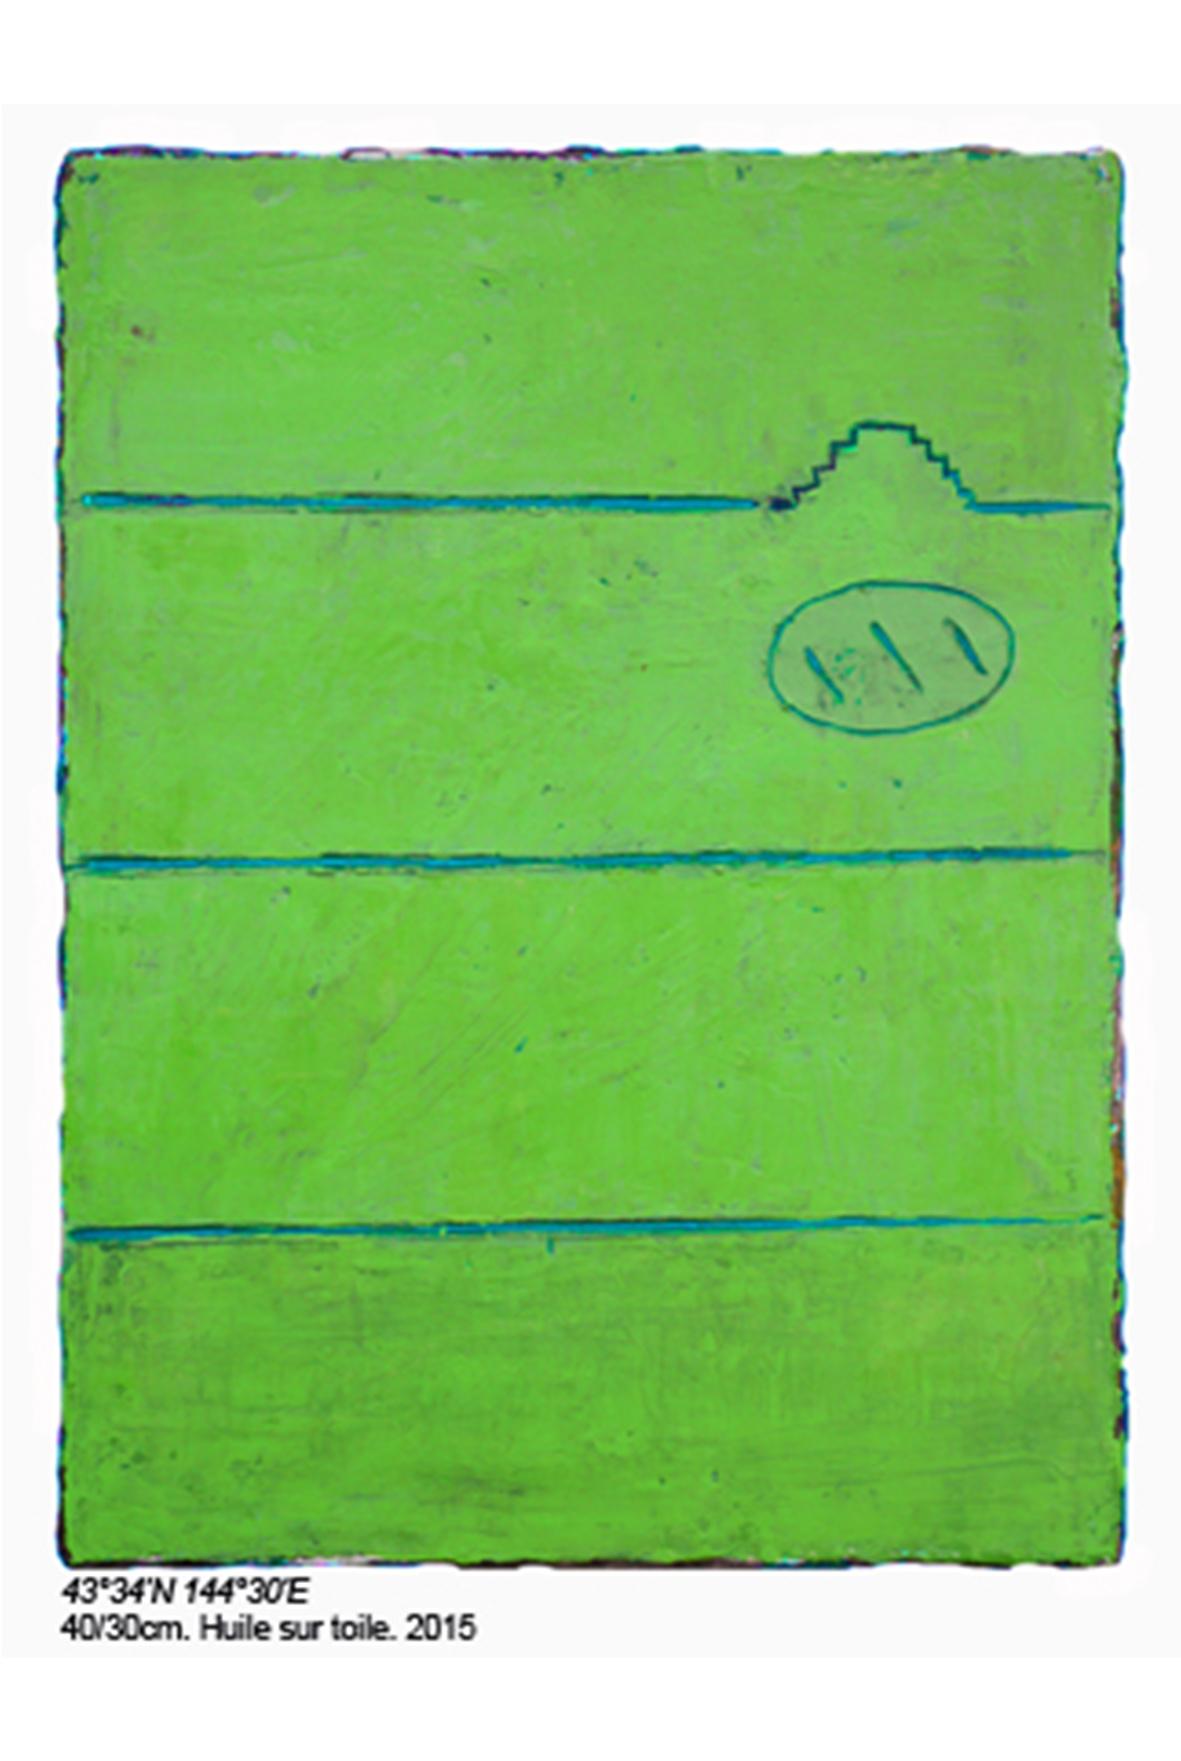 Olivier aubry peinture à l'huile, galerie d'art lyon, art contemporain lyon, galerie Lyon